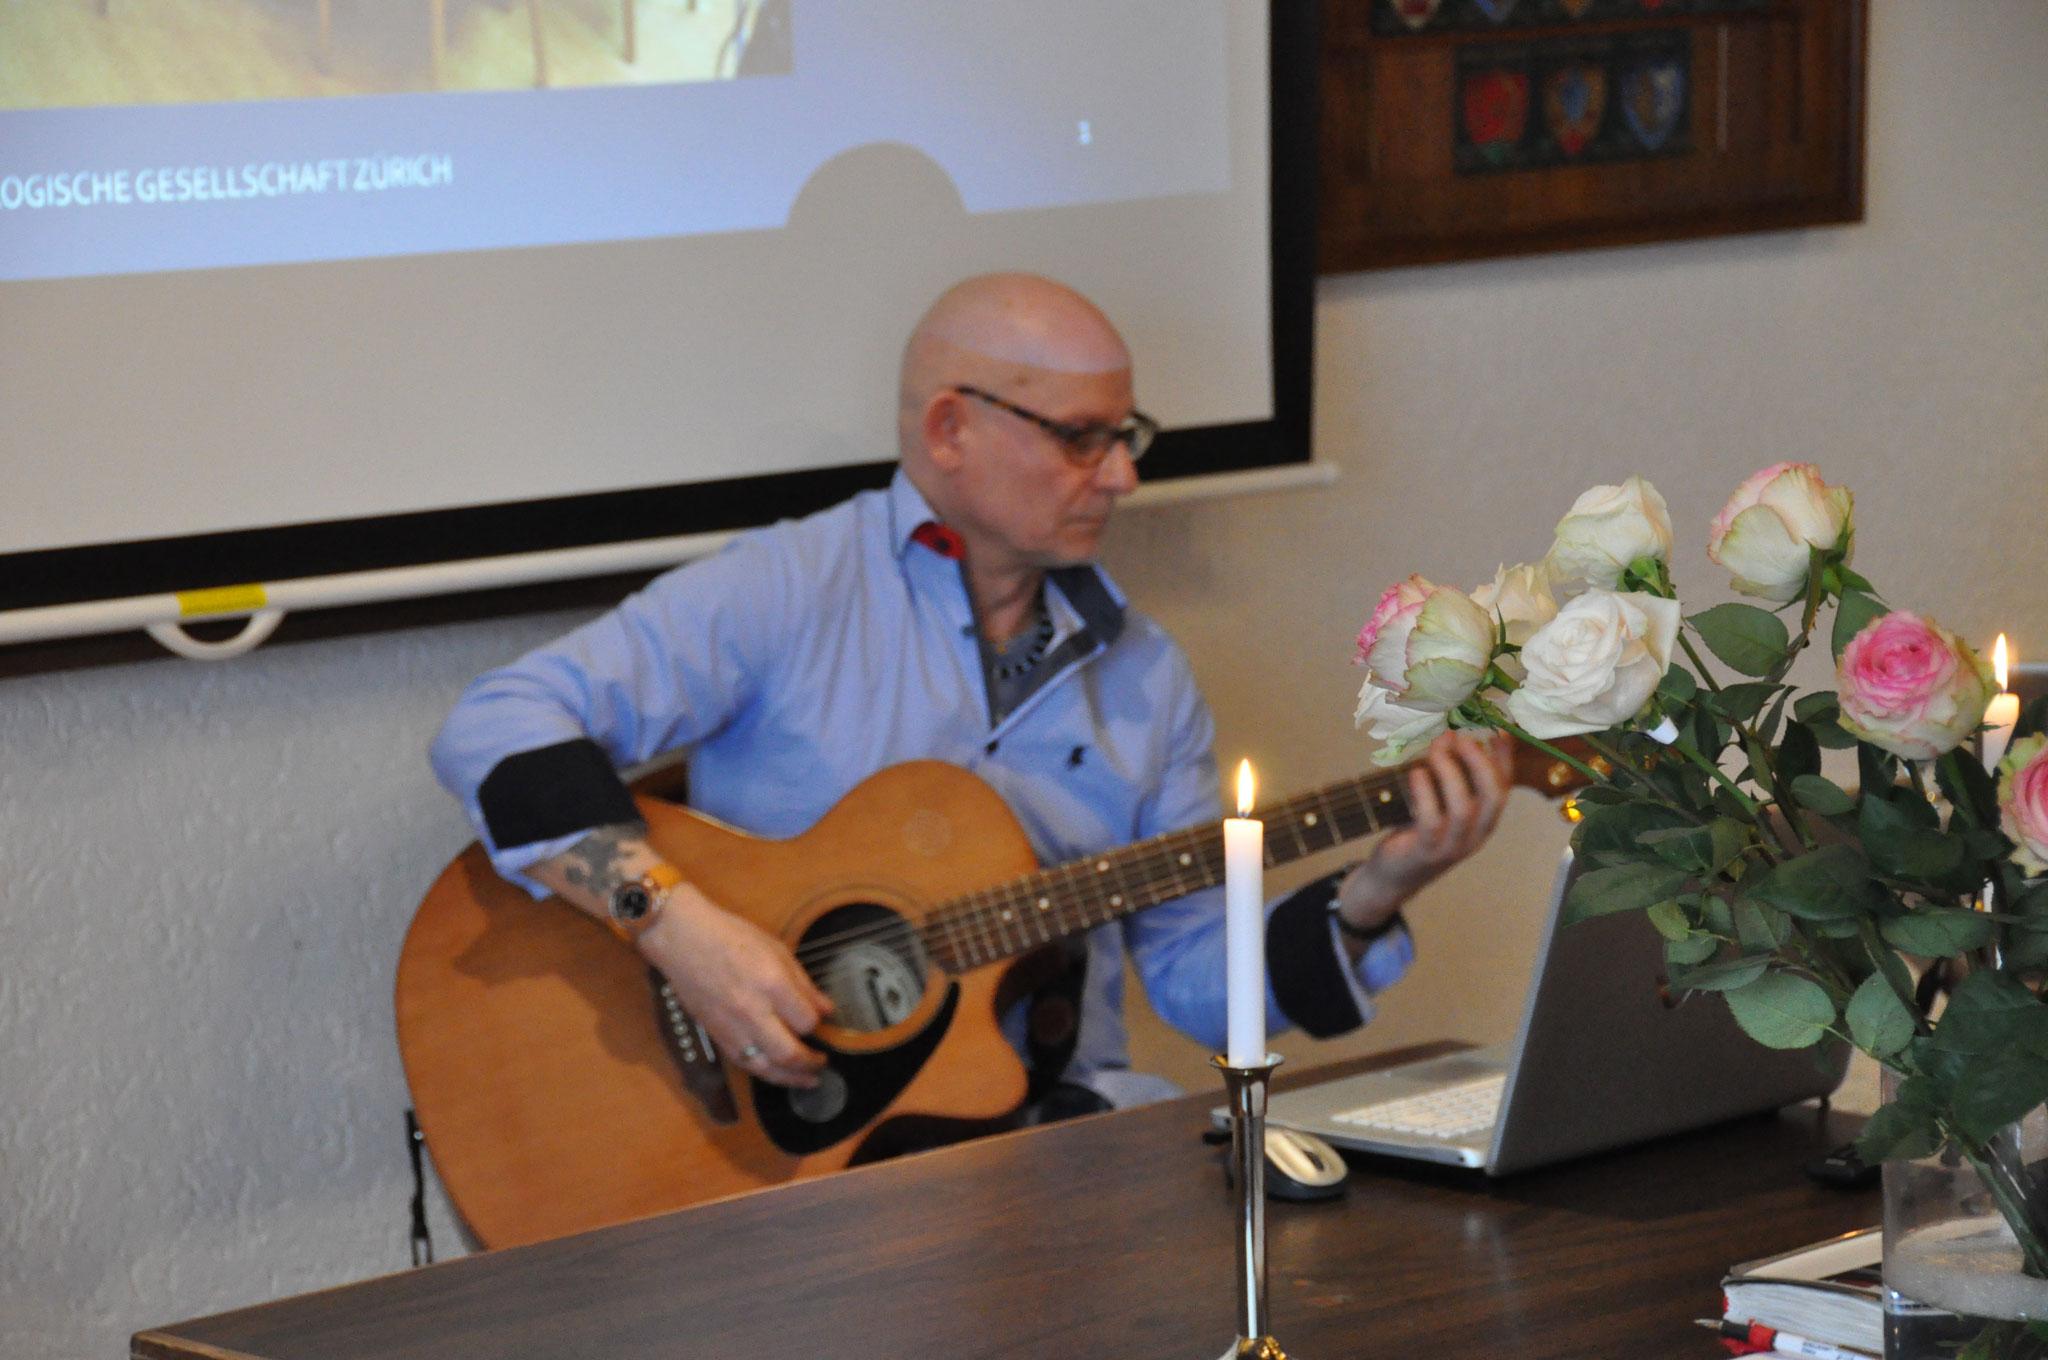 Beat Kofmehl,  Astrologe und Musiker, Feier zum Tag der Astrologie vom 18. März 2017